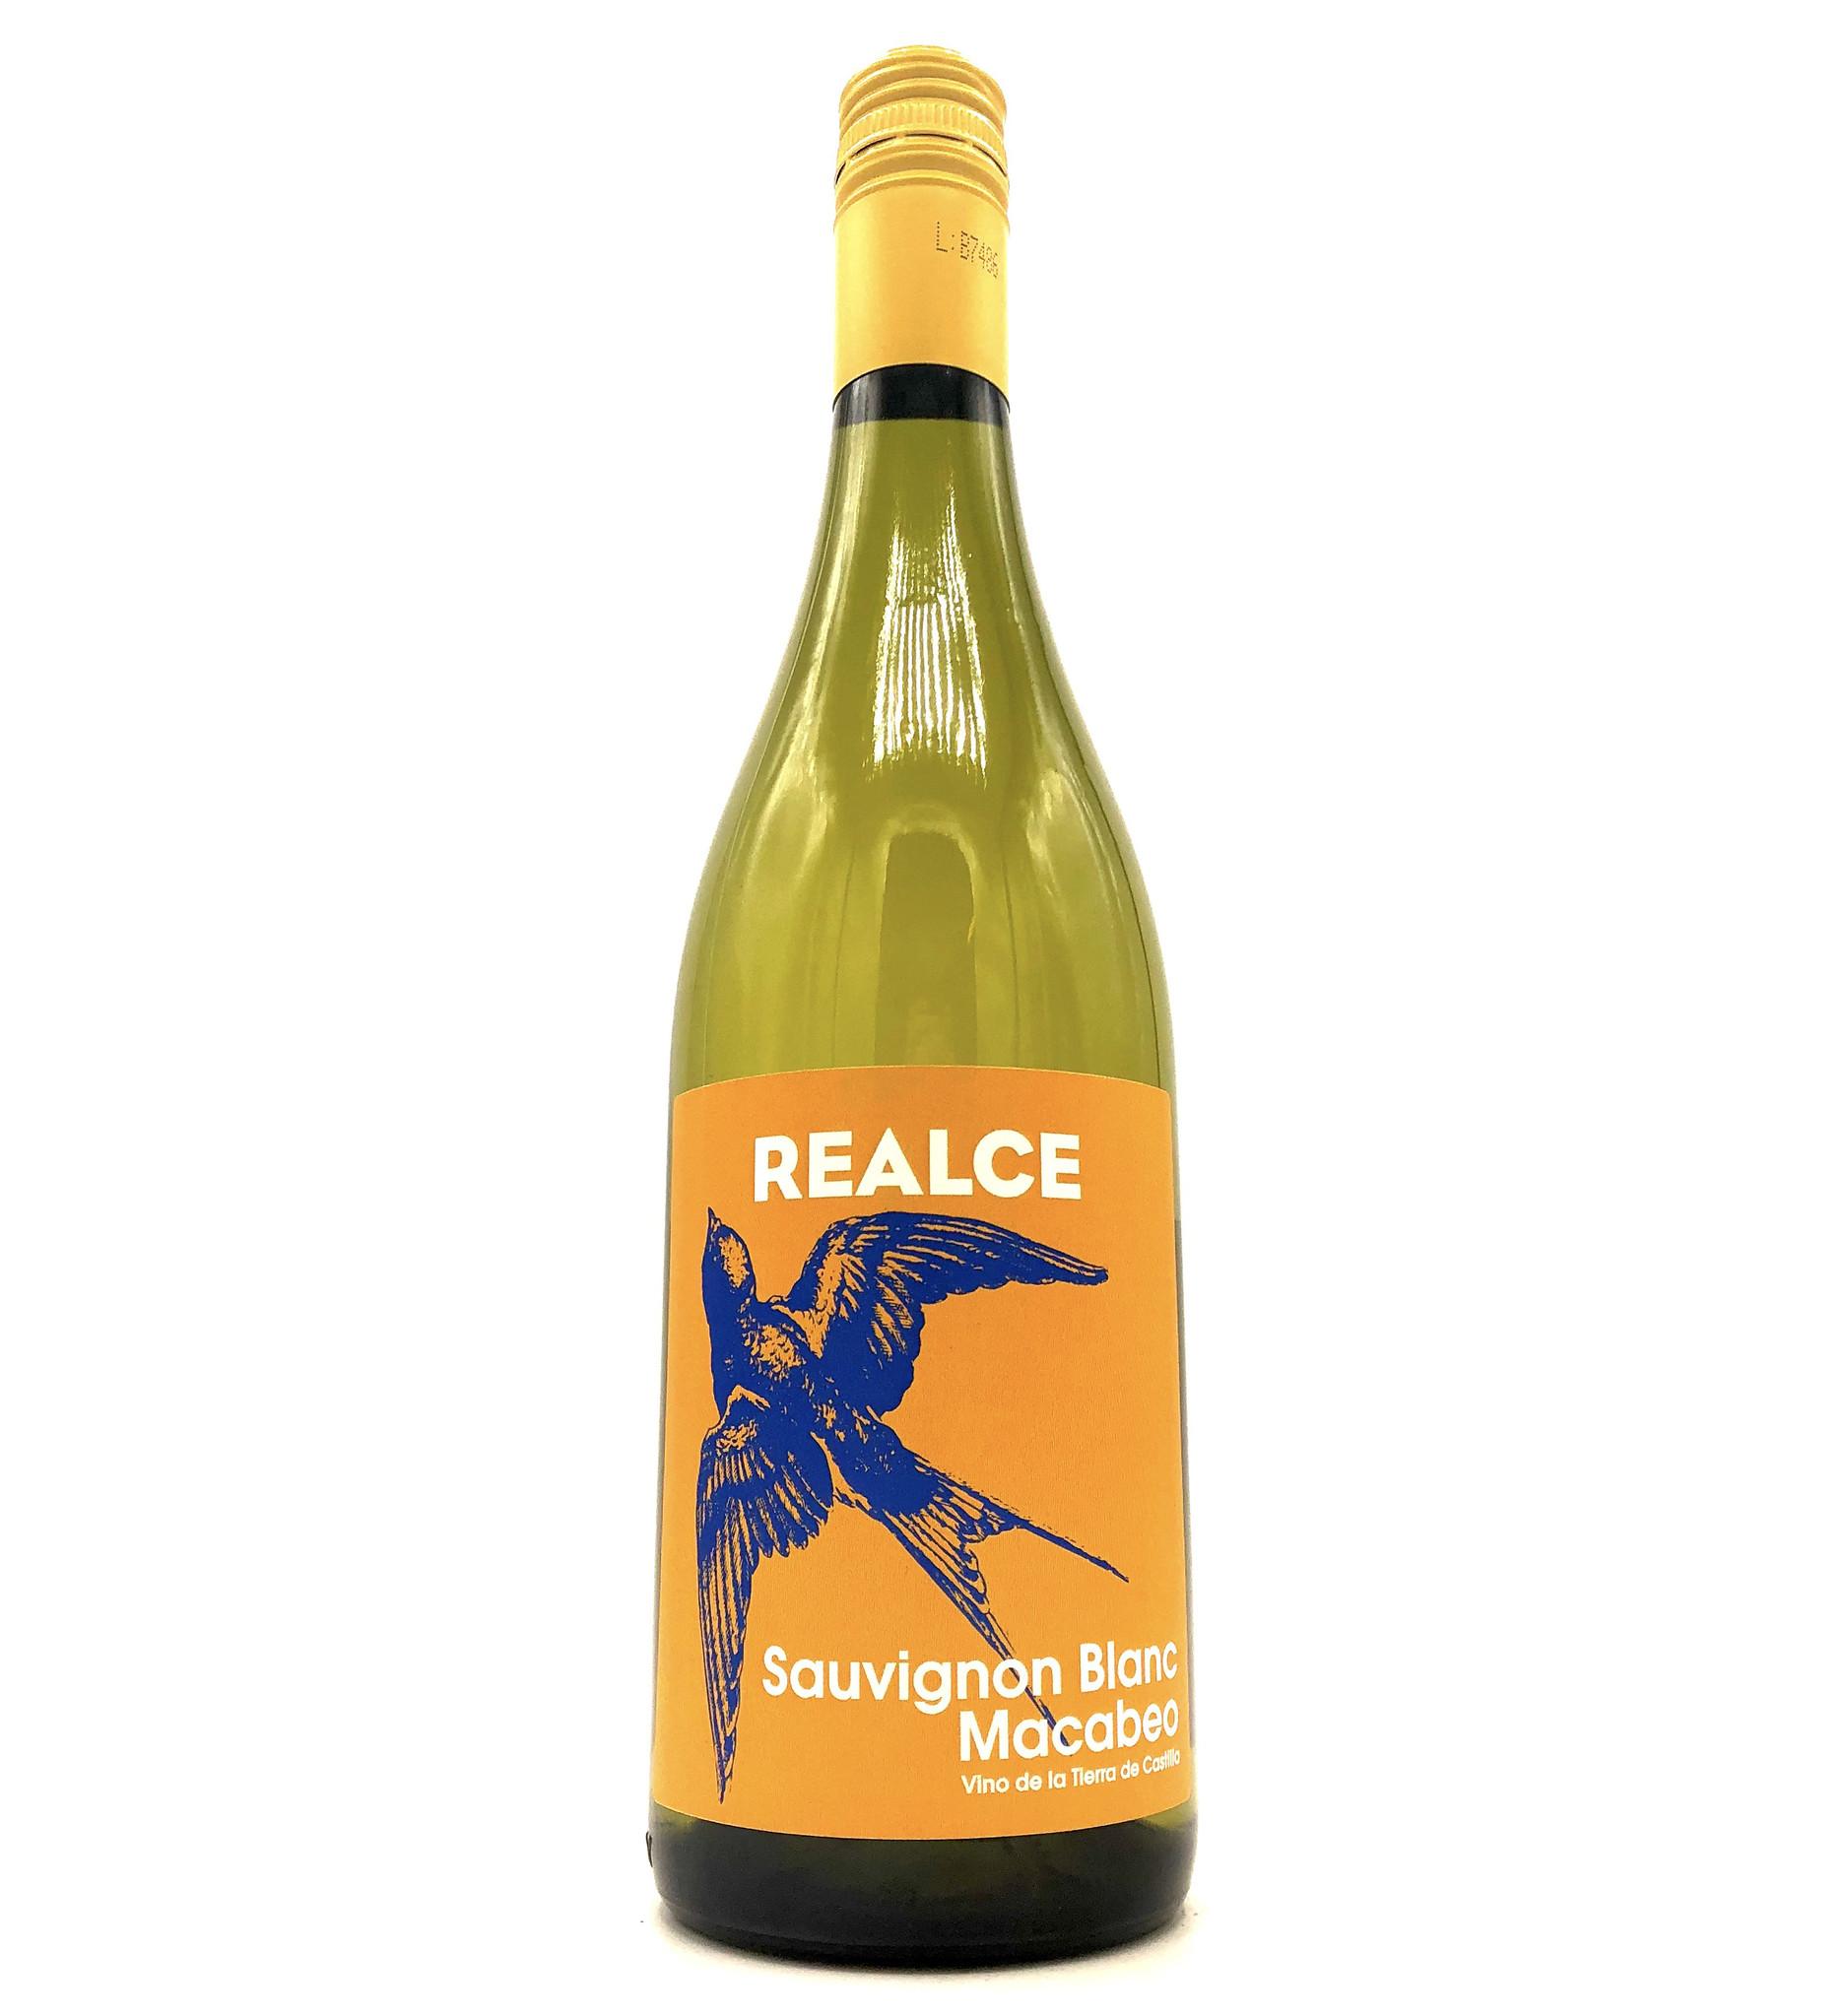 Sauvignon Blanc/Macabeo 2019 Realce